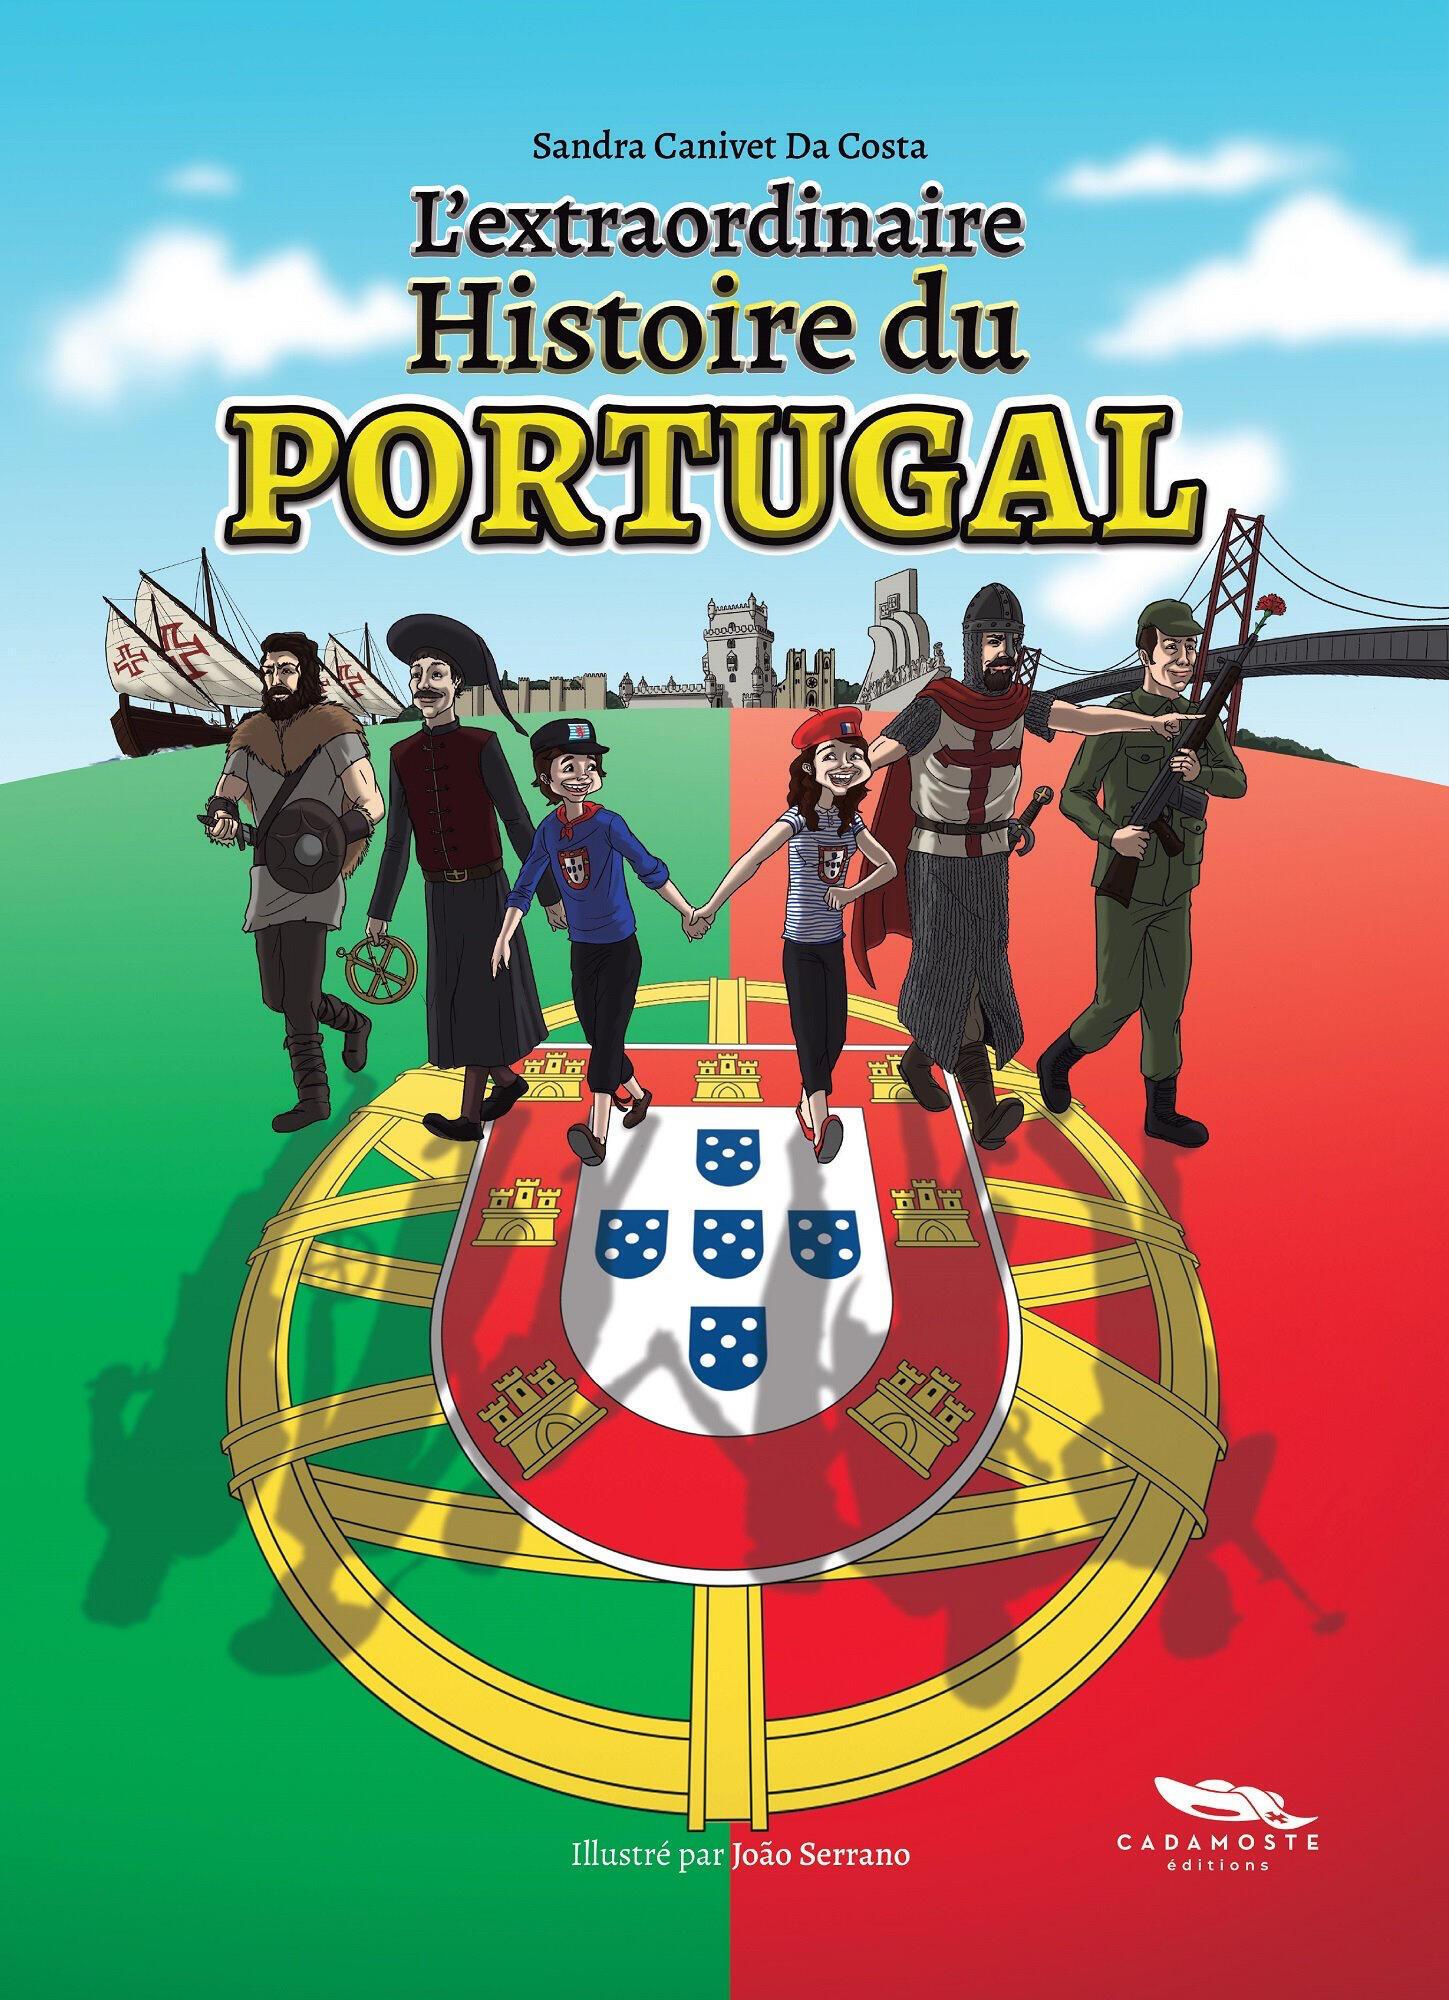 Livro sobre a Extraordinária História de Portugal.